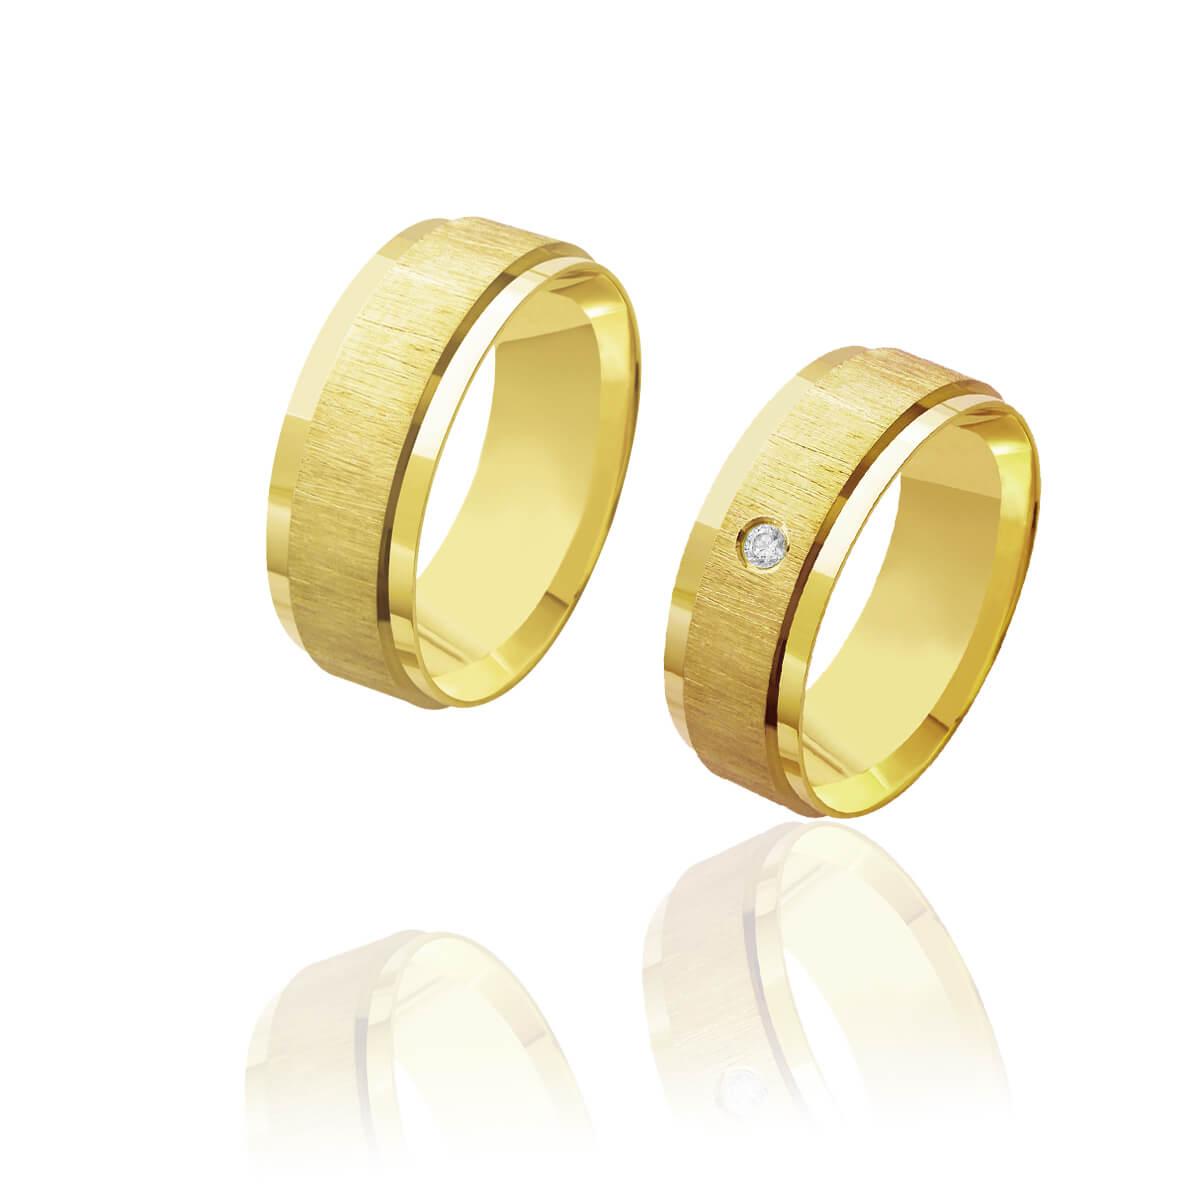 Par de Alianças de Casamento Afrodite Ouro 18k com Aplique Central Diamantado e Brilhante 6 mm 8g